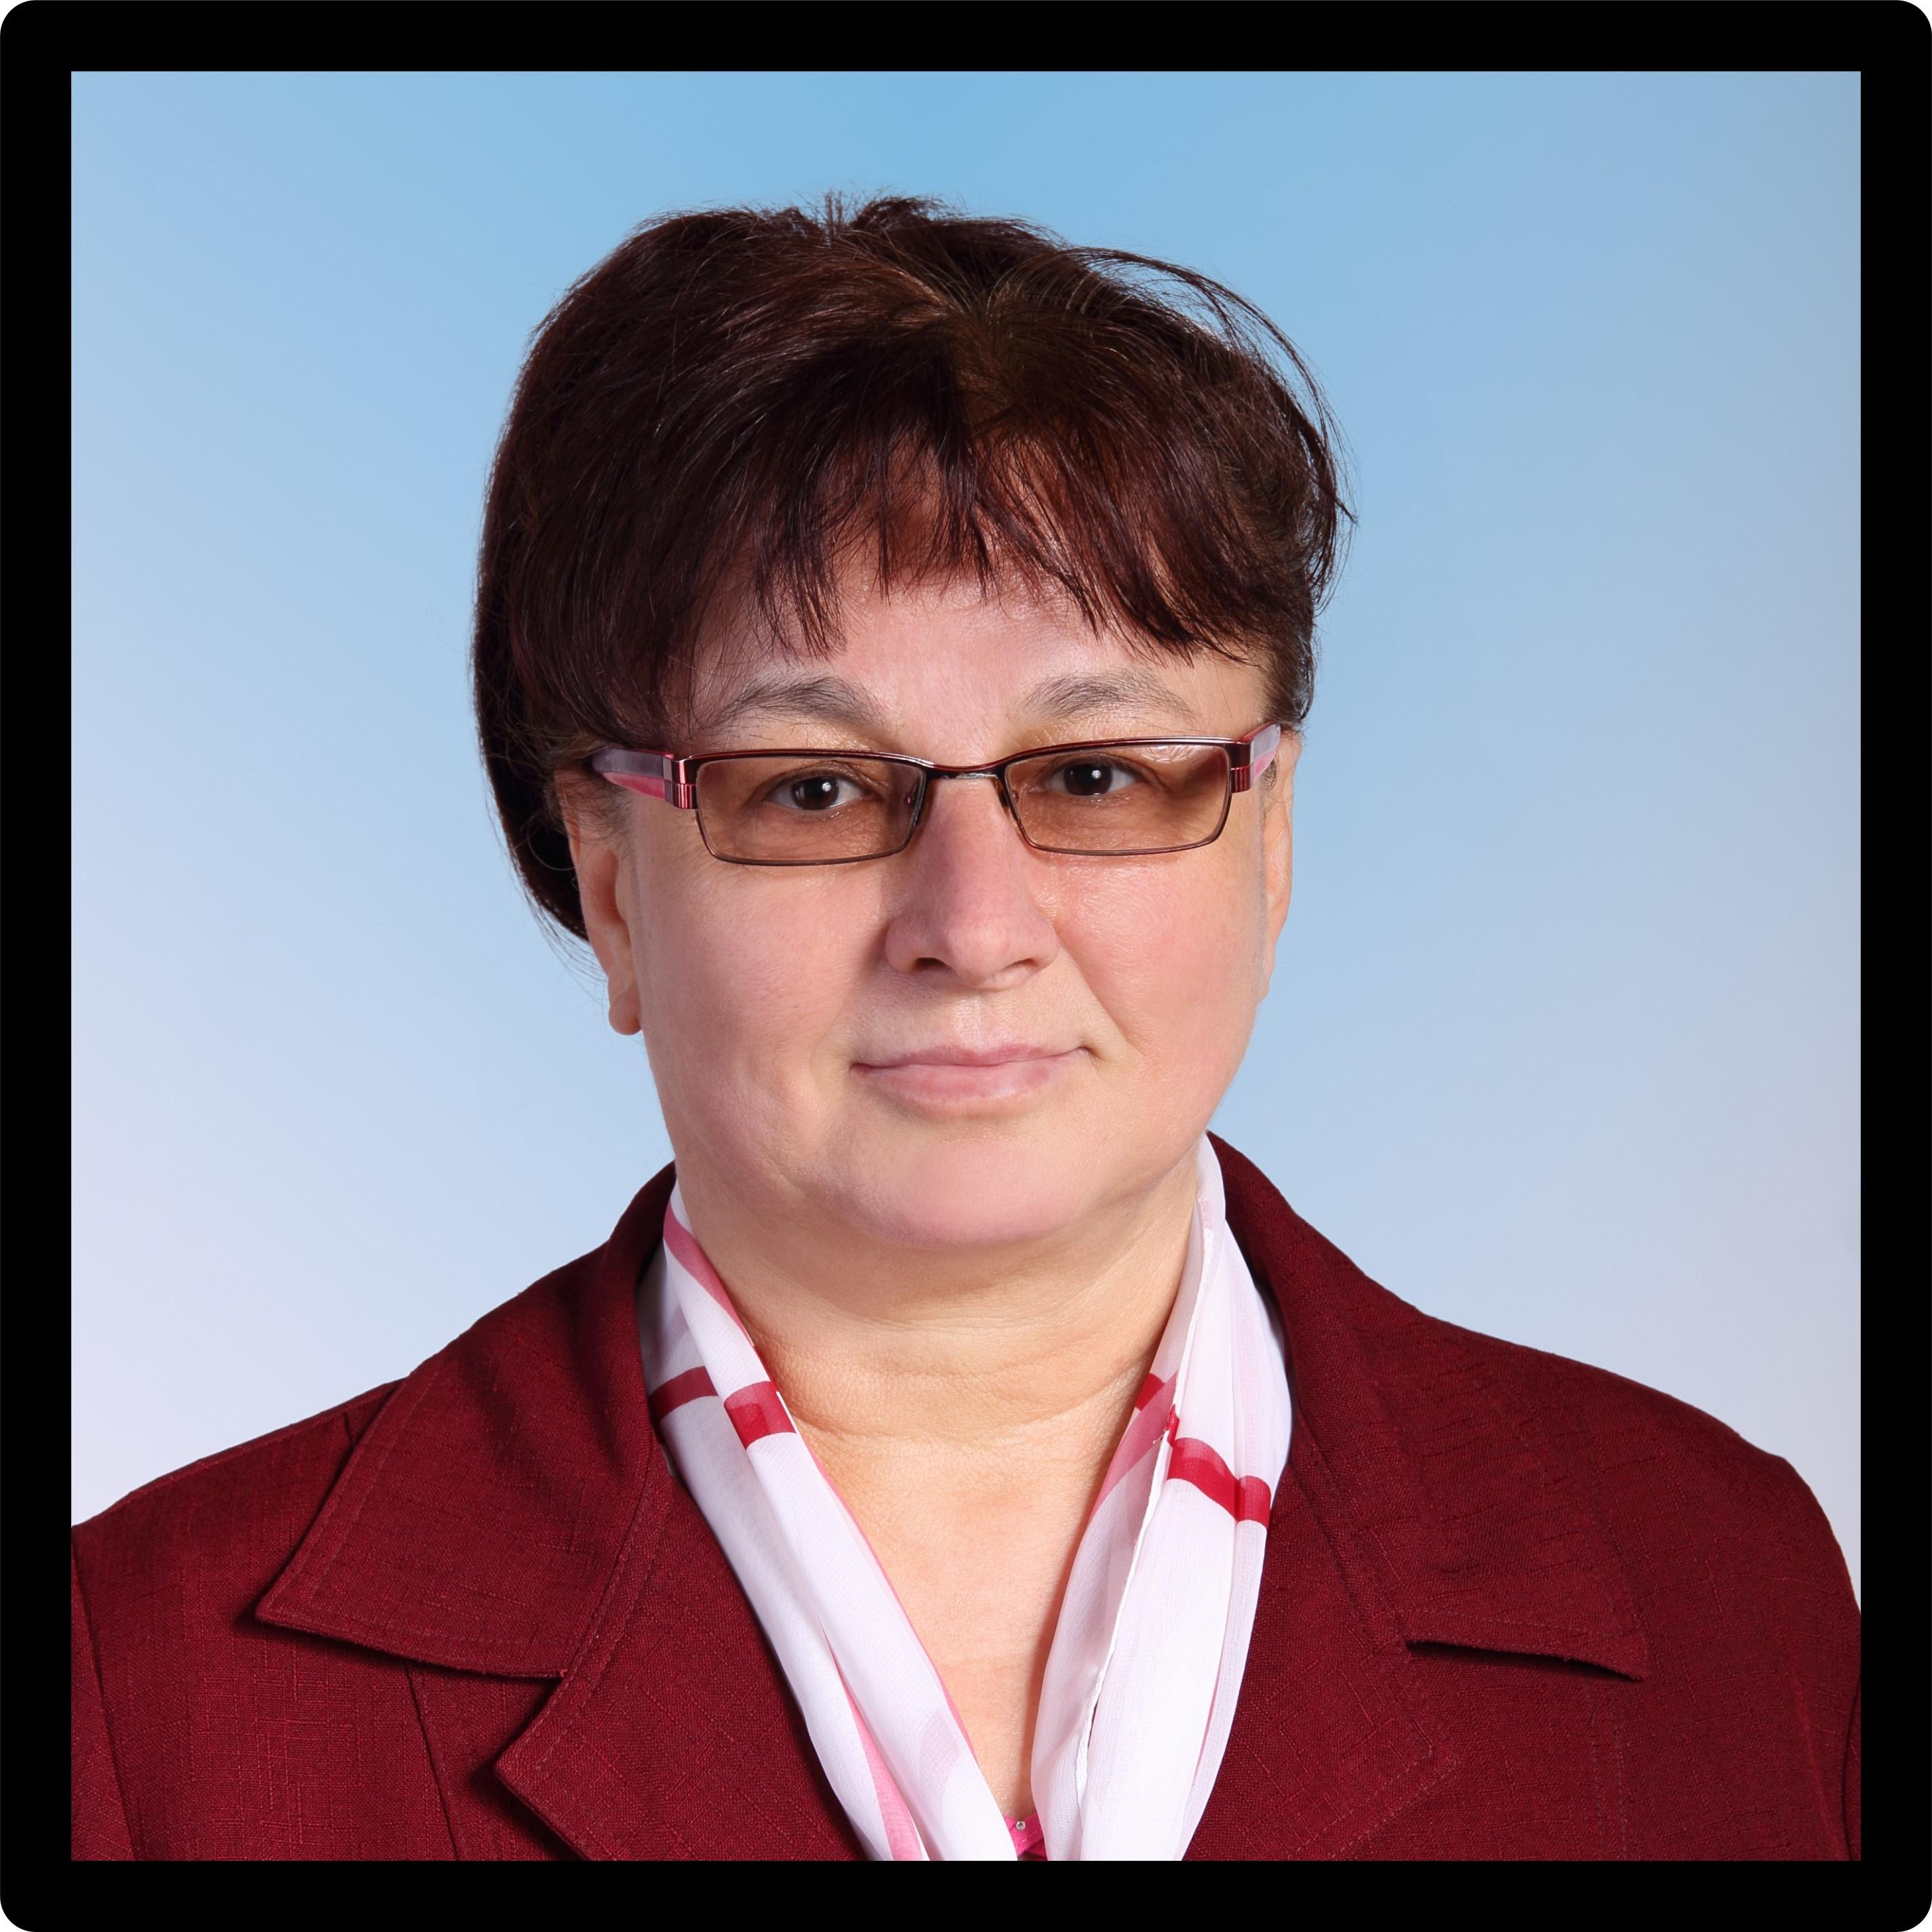 Elhunyt Dr. Enzsöl Erzsébet egyetemi docens